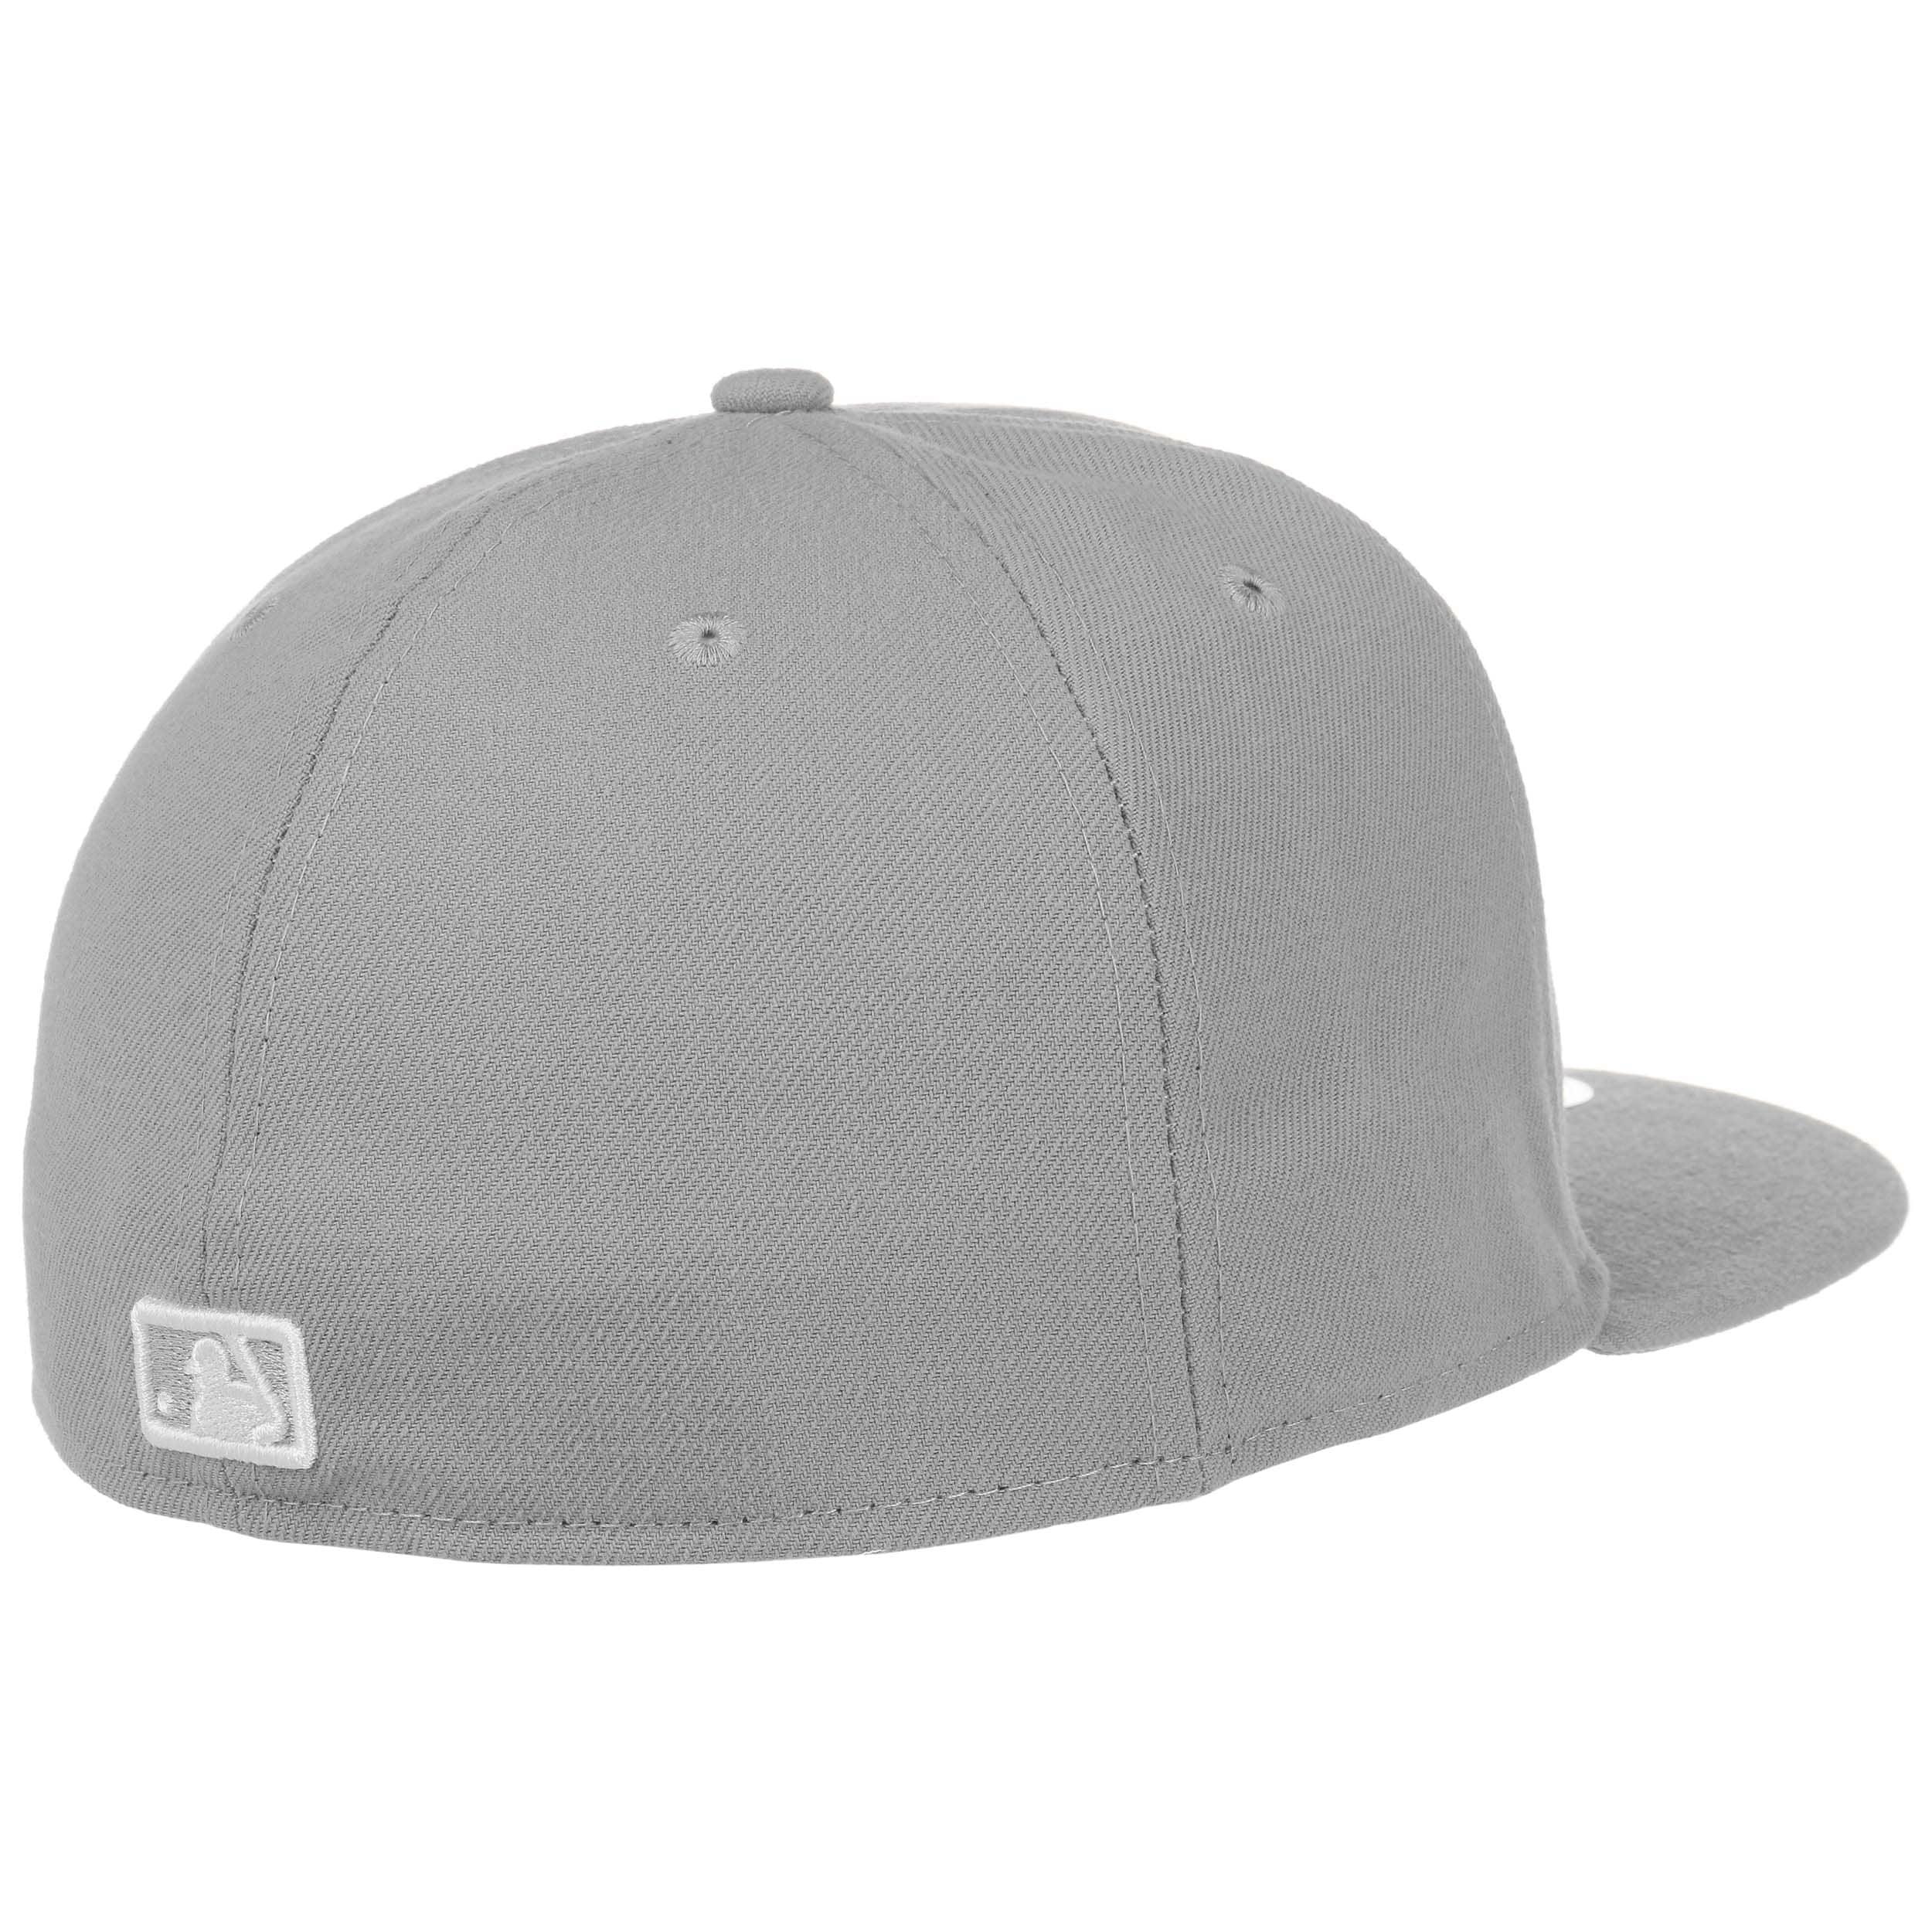 ... 59Fifty MLB Basic NY Cap by New Era - grey 3 ... e92b137727d